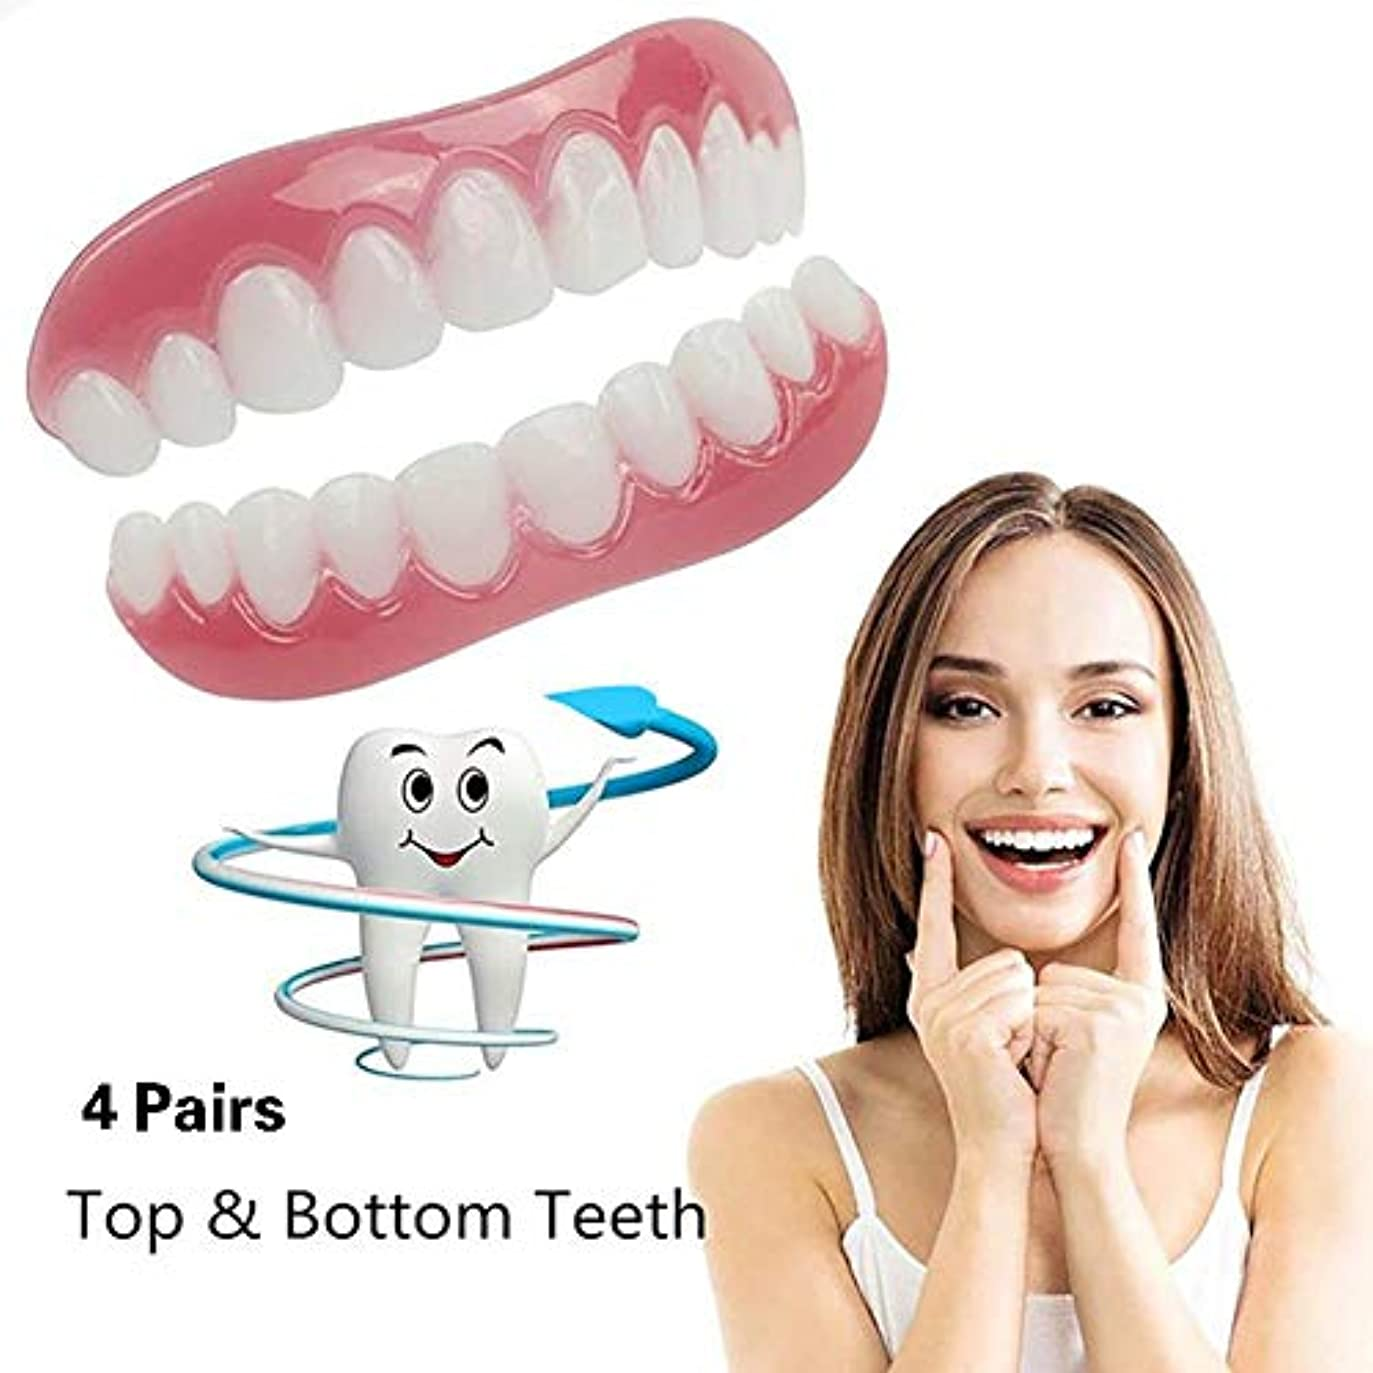 シリコーンの歯のベニヤ化粧品の歯のスナップのしっかりとした上部の低い屈曲の歯科ベニヤ義歯のケアを白くする完全な歯1つのサイズに収まるすべて